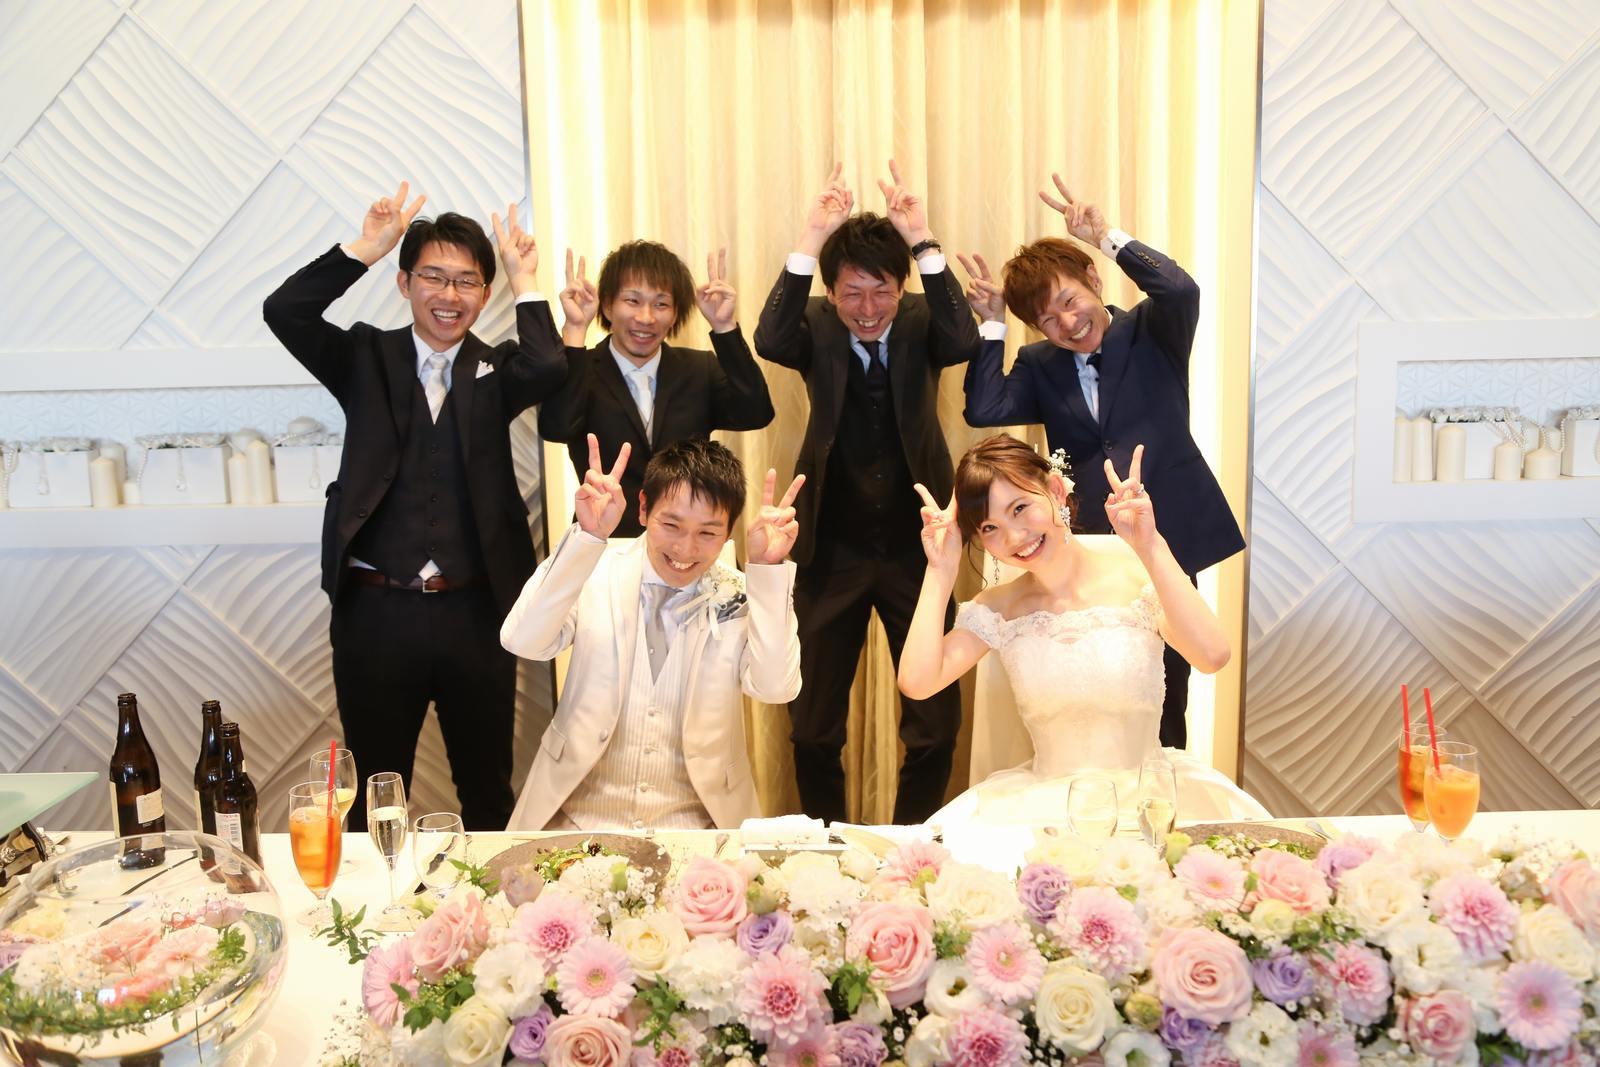 徳島市の結婚式場ブランアンジュの披露宴会場でゲストとお揃いポーズで楽しく記念写真